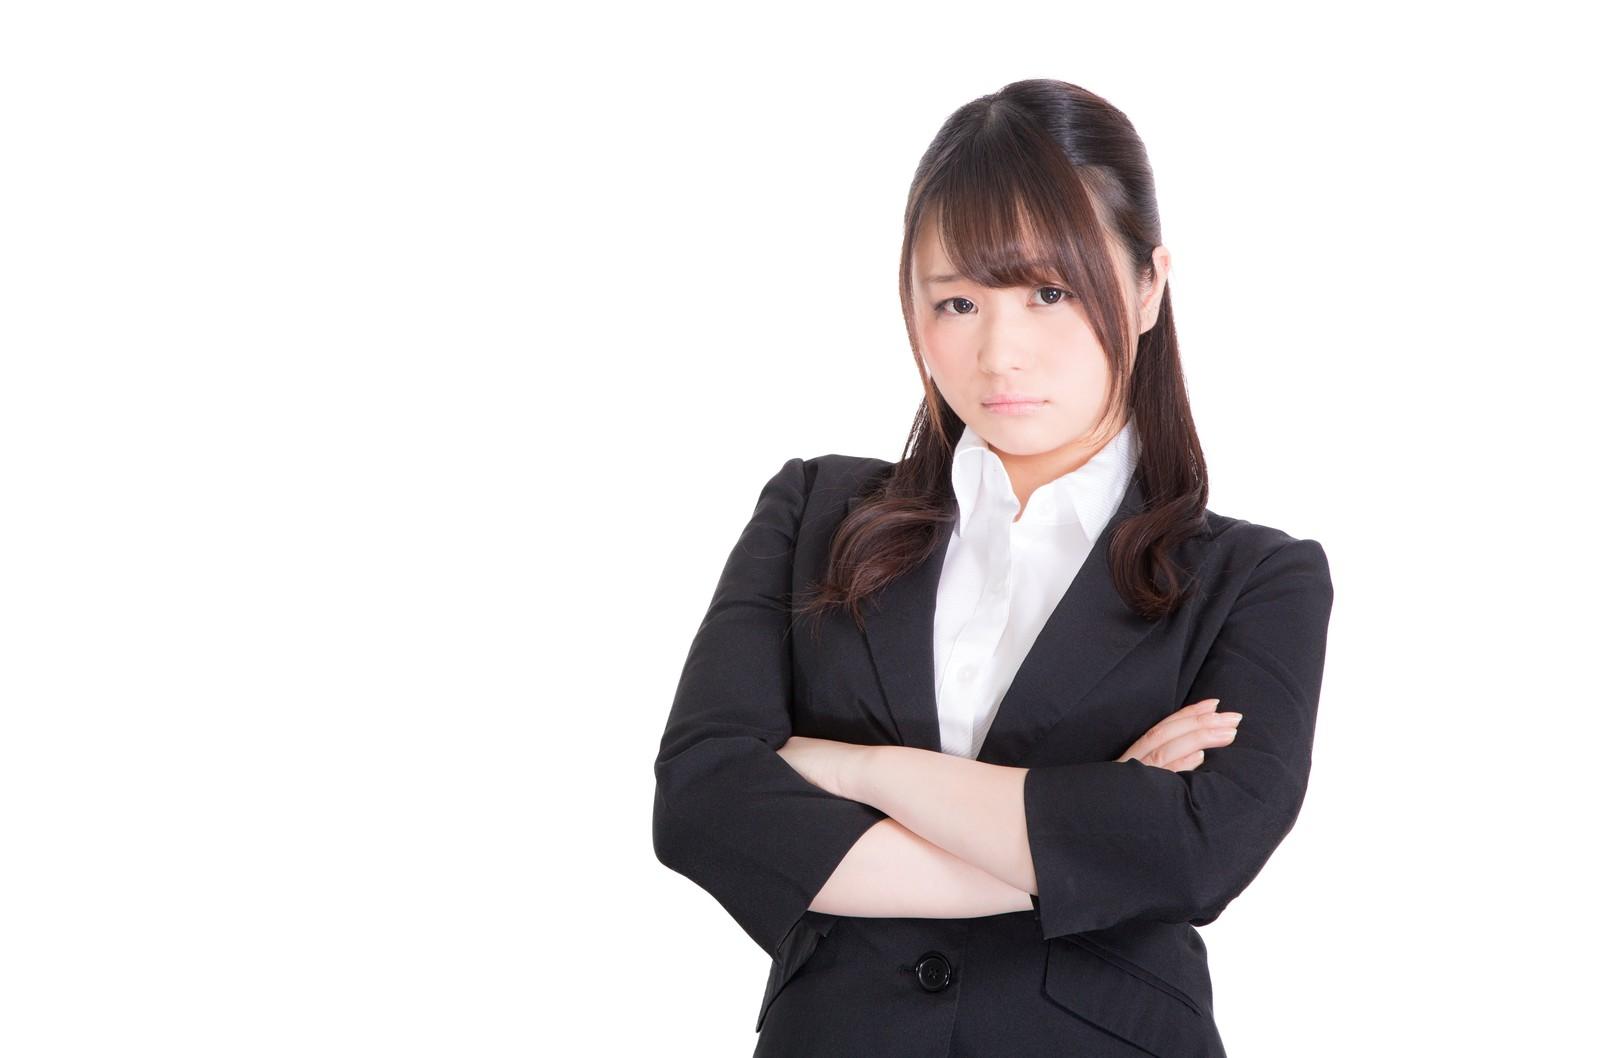 派遣社員から正社員になる為の全ての方法と難易度